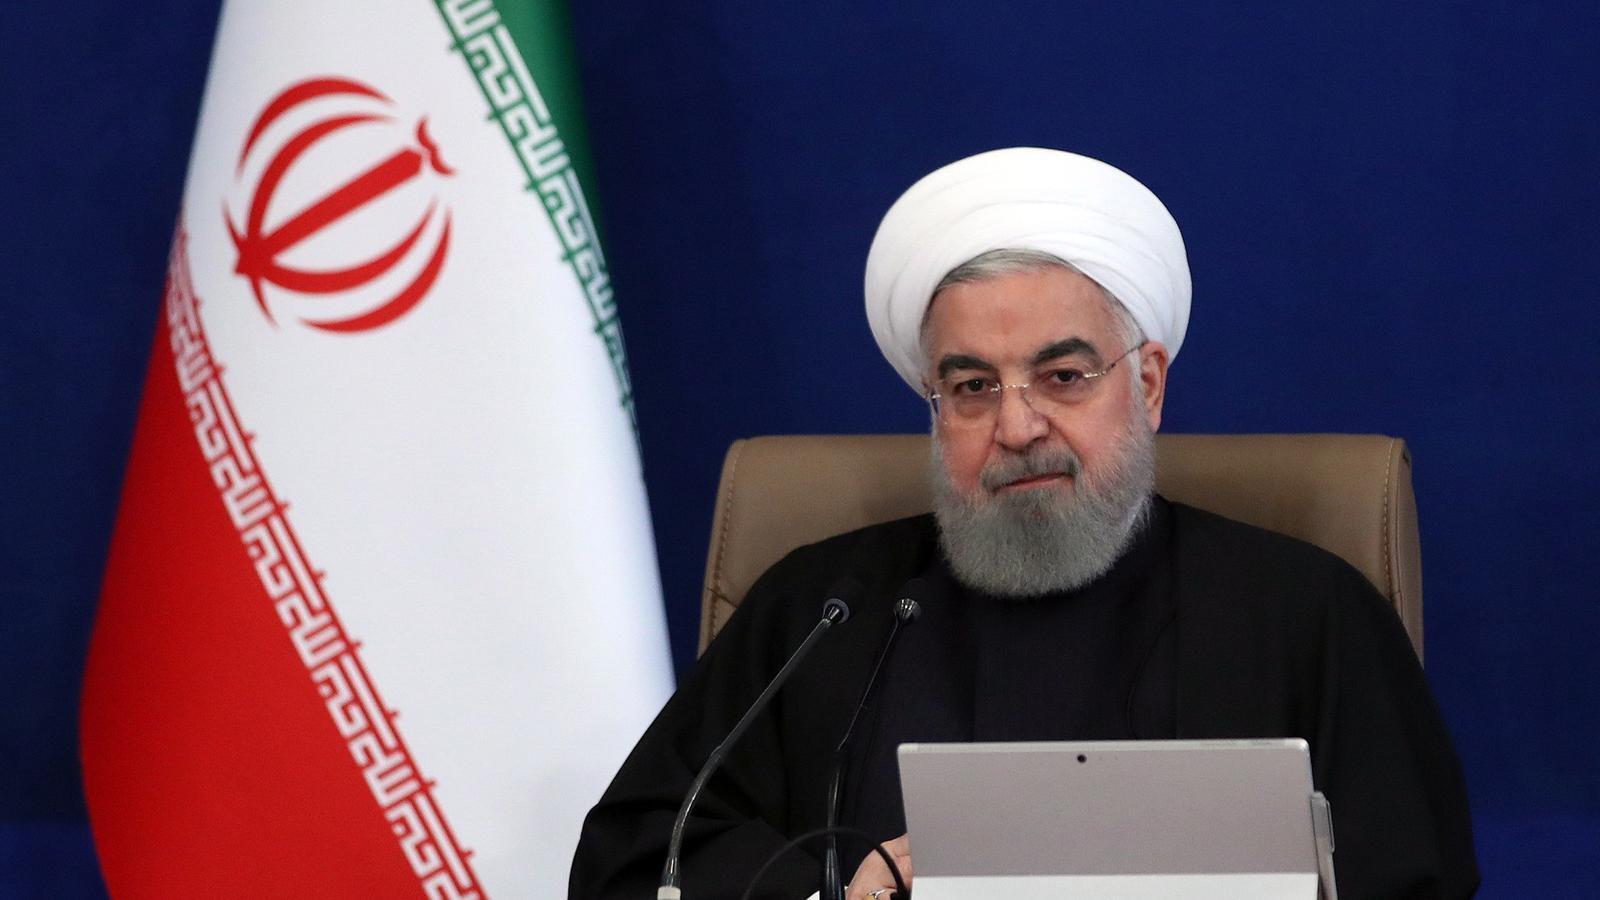 L'Iran enriquirà més urani en resposta a l'assassinat de Fakhrizadeh